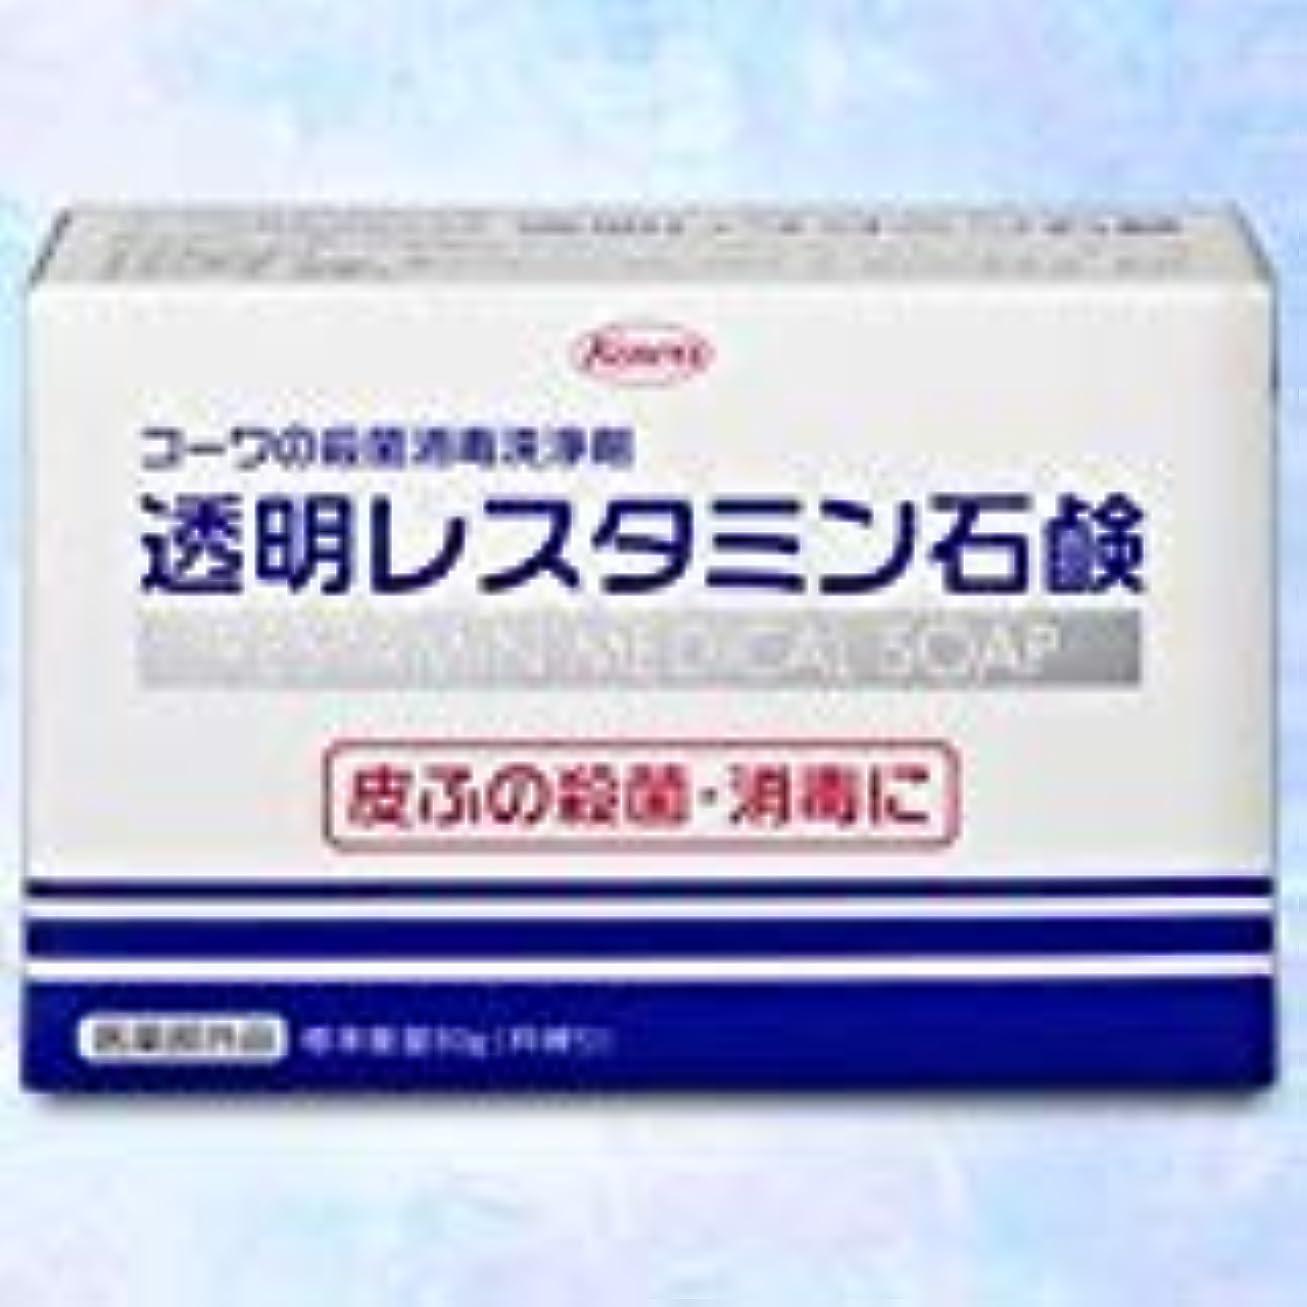 オーバードロー破滅ヶ月目【興和】コーワの殺菌消毒洗浄剤「透明レスタミン石鹸」80g(医薬部外品) ×3個セット